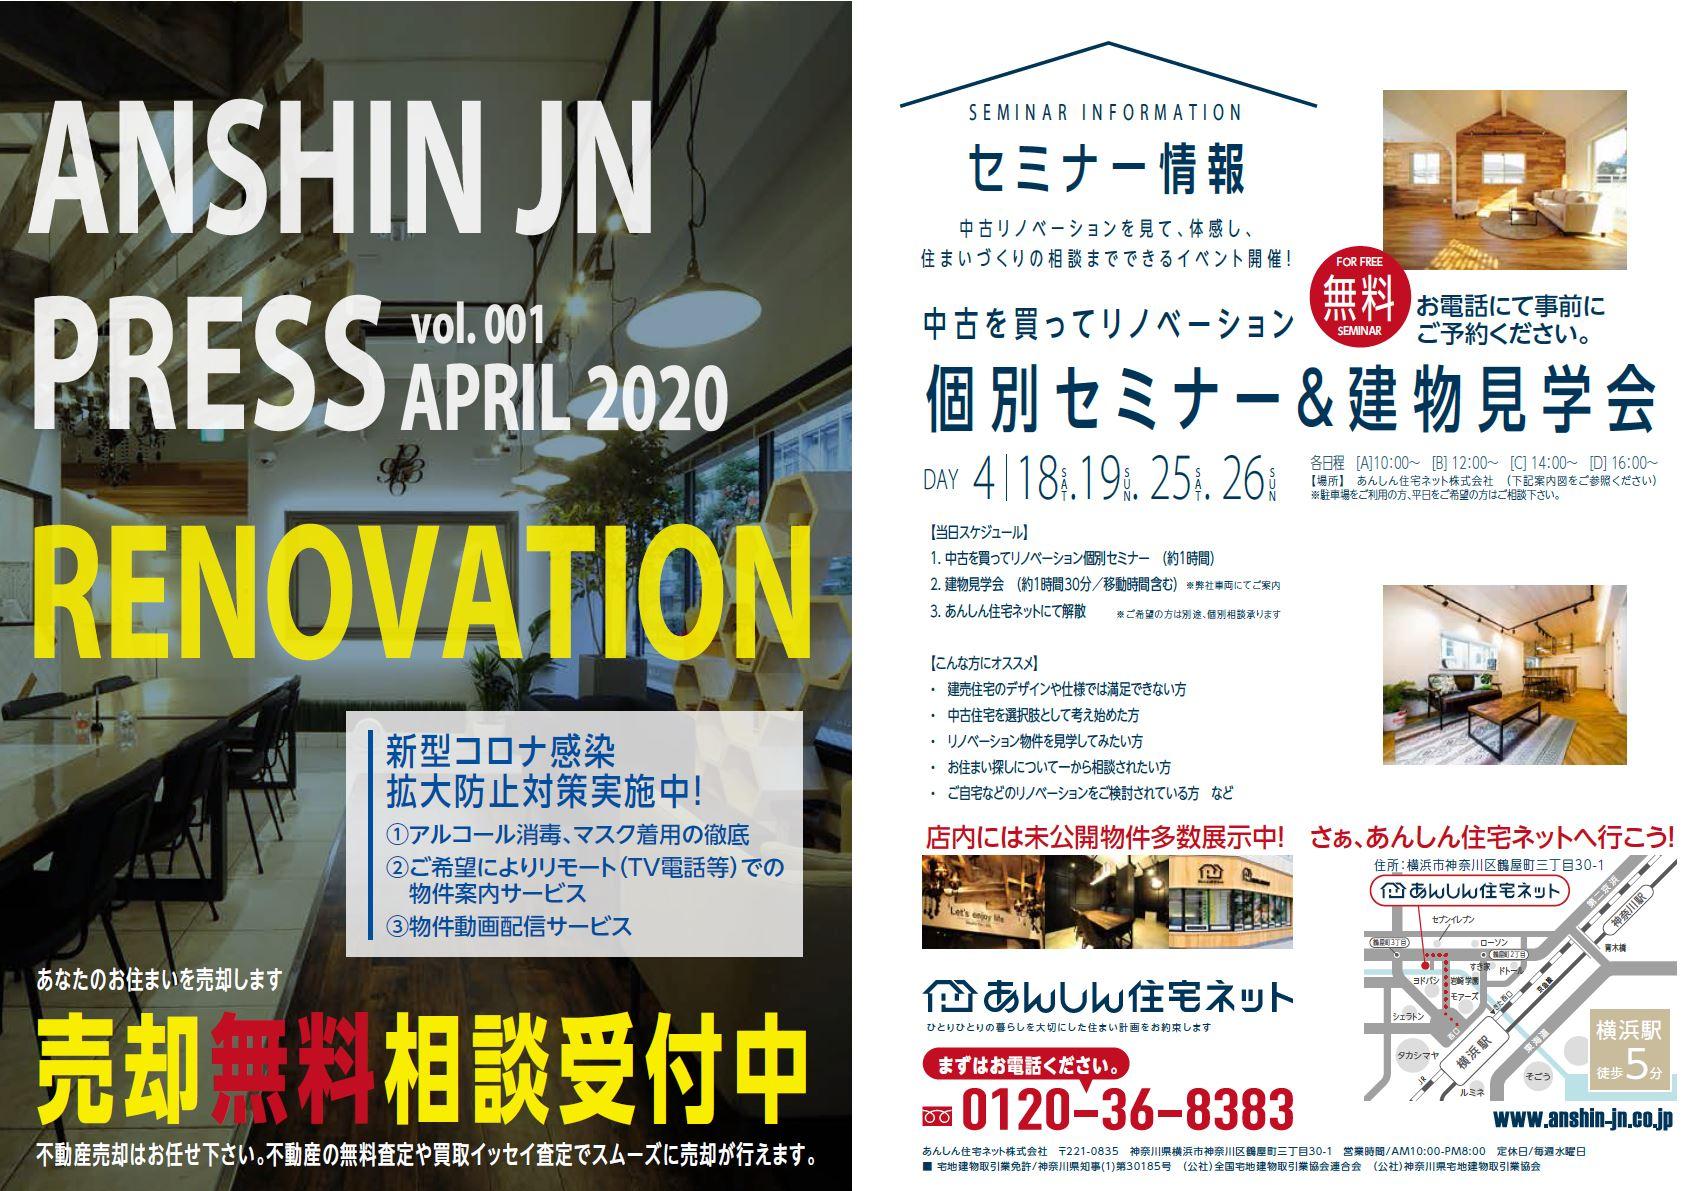 【無料・1日4回開催】個別セミナー&建物見学会 4/19(日)16時~